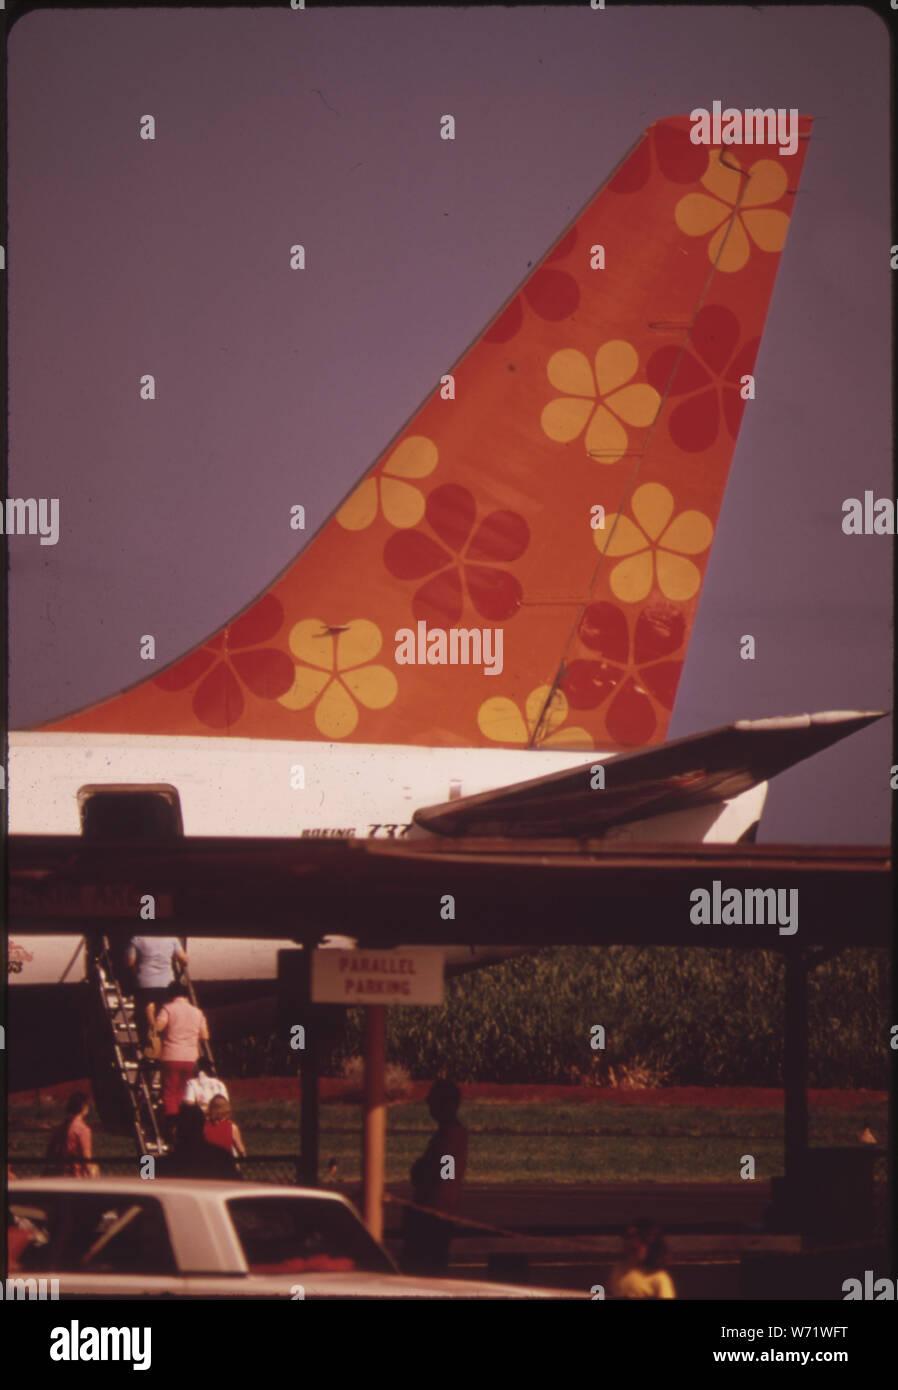 Aloha Airlines en una de las dos principales líneas aéreas que conectan las islas. No factible y rápido buque marítimo ha sido desarrollado para viajar entre las islas. Foto de stock